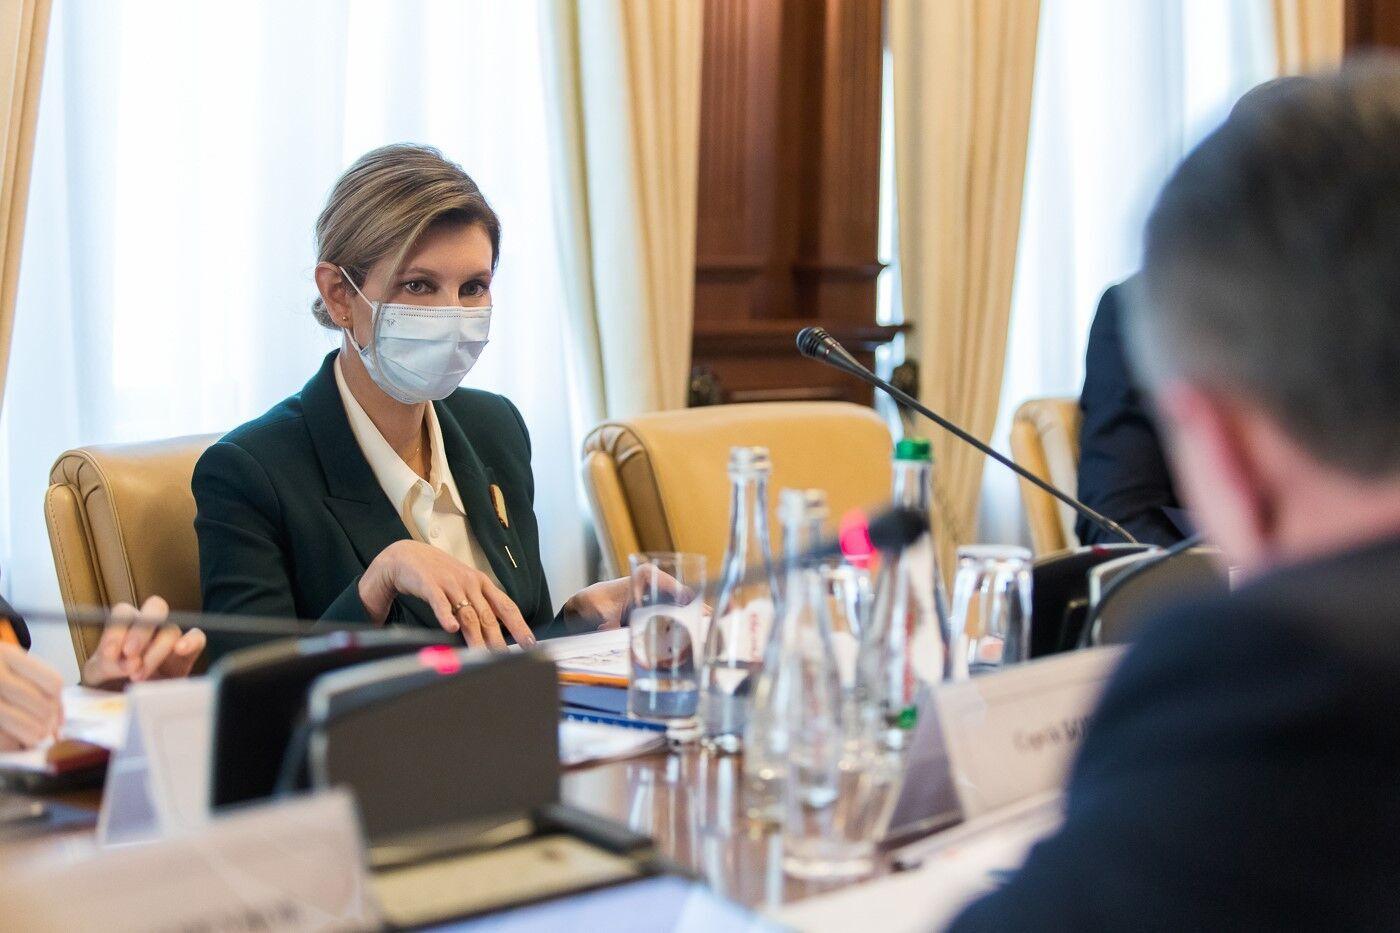 Зеленская показала новый образ на официальной встрече